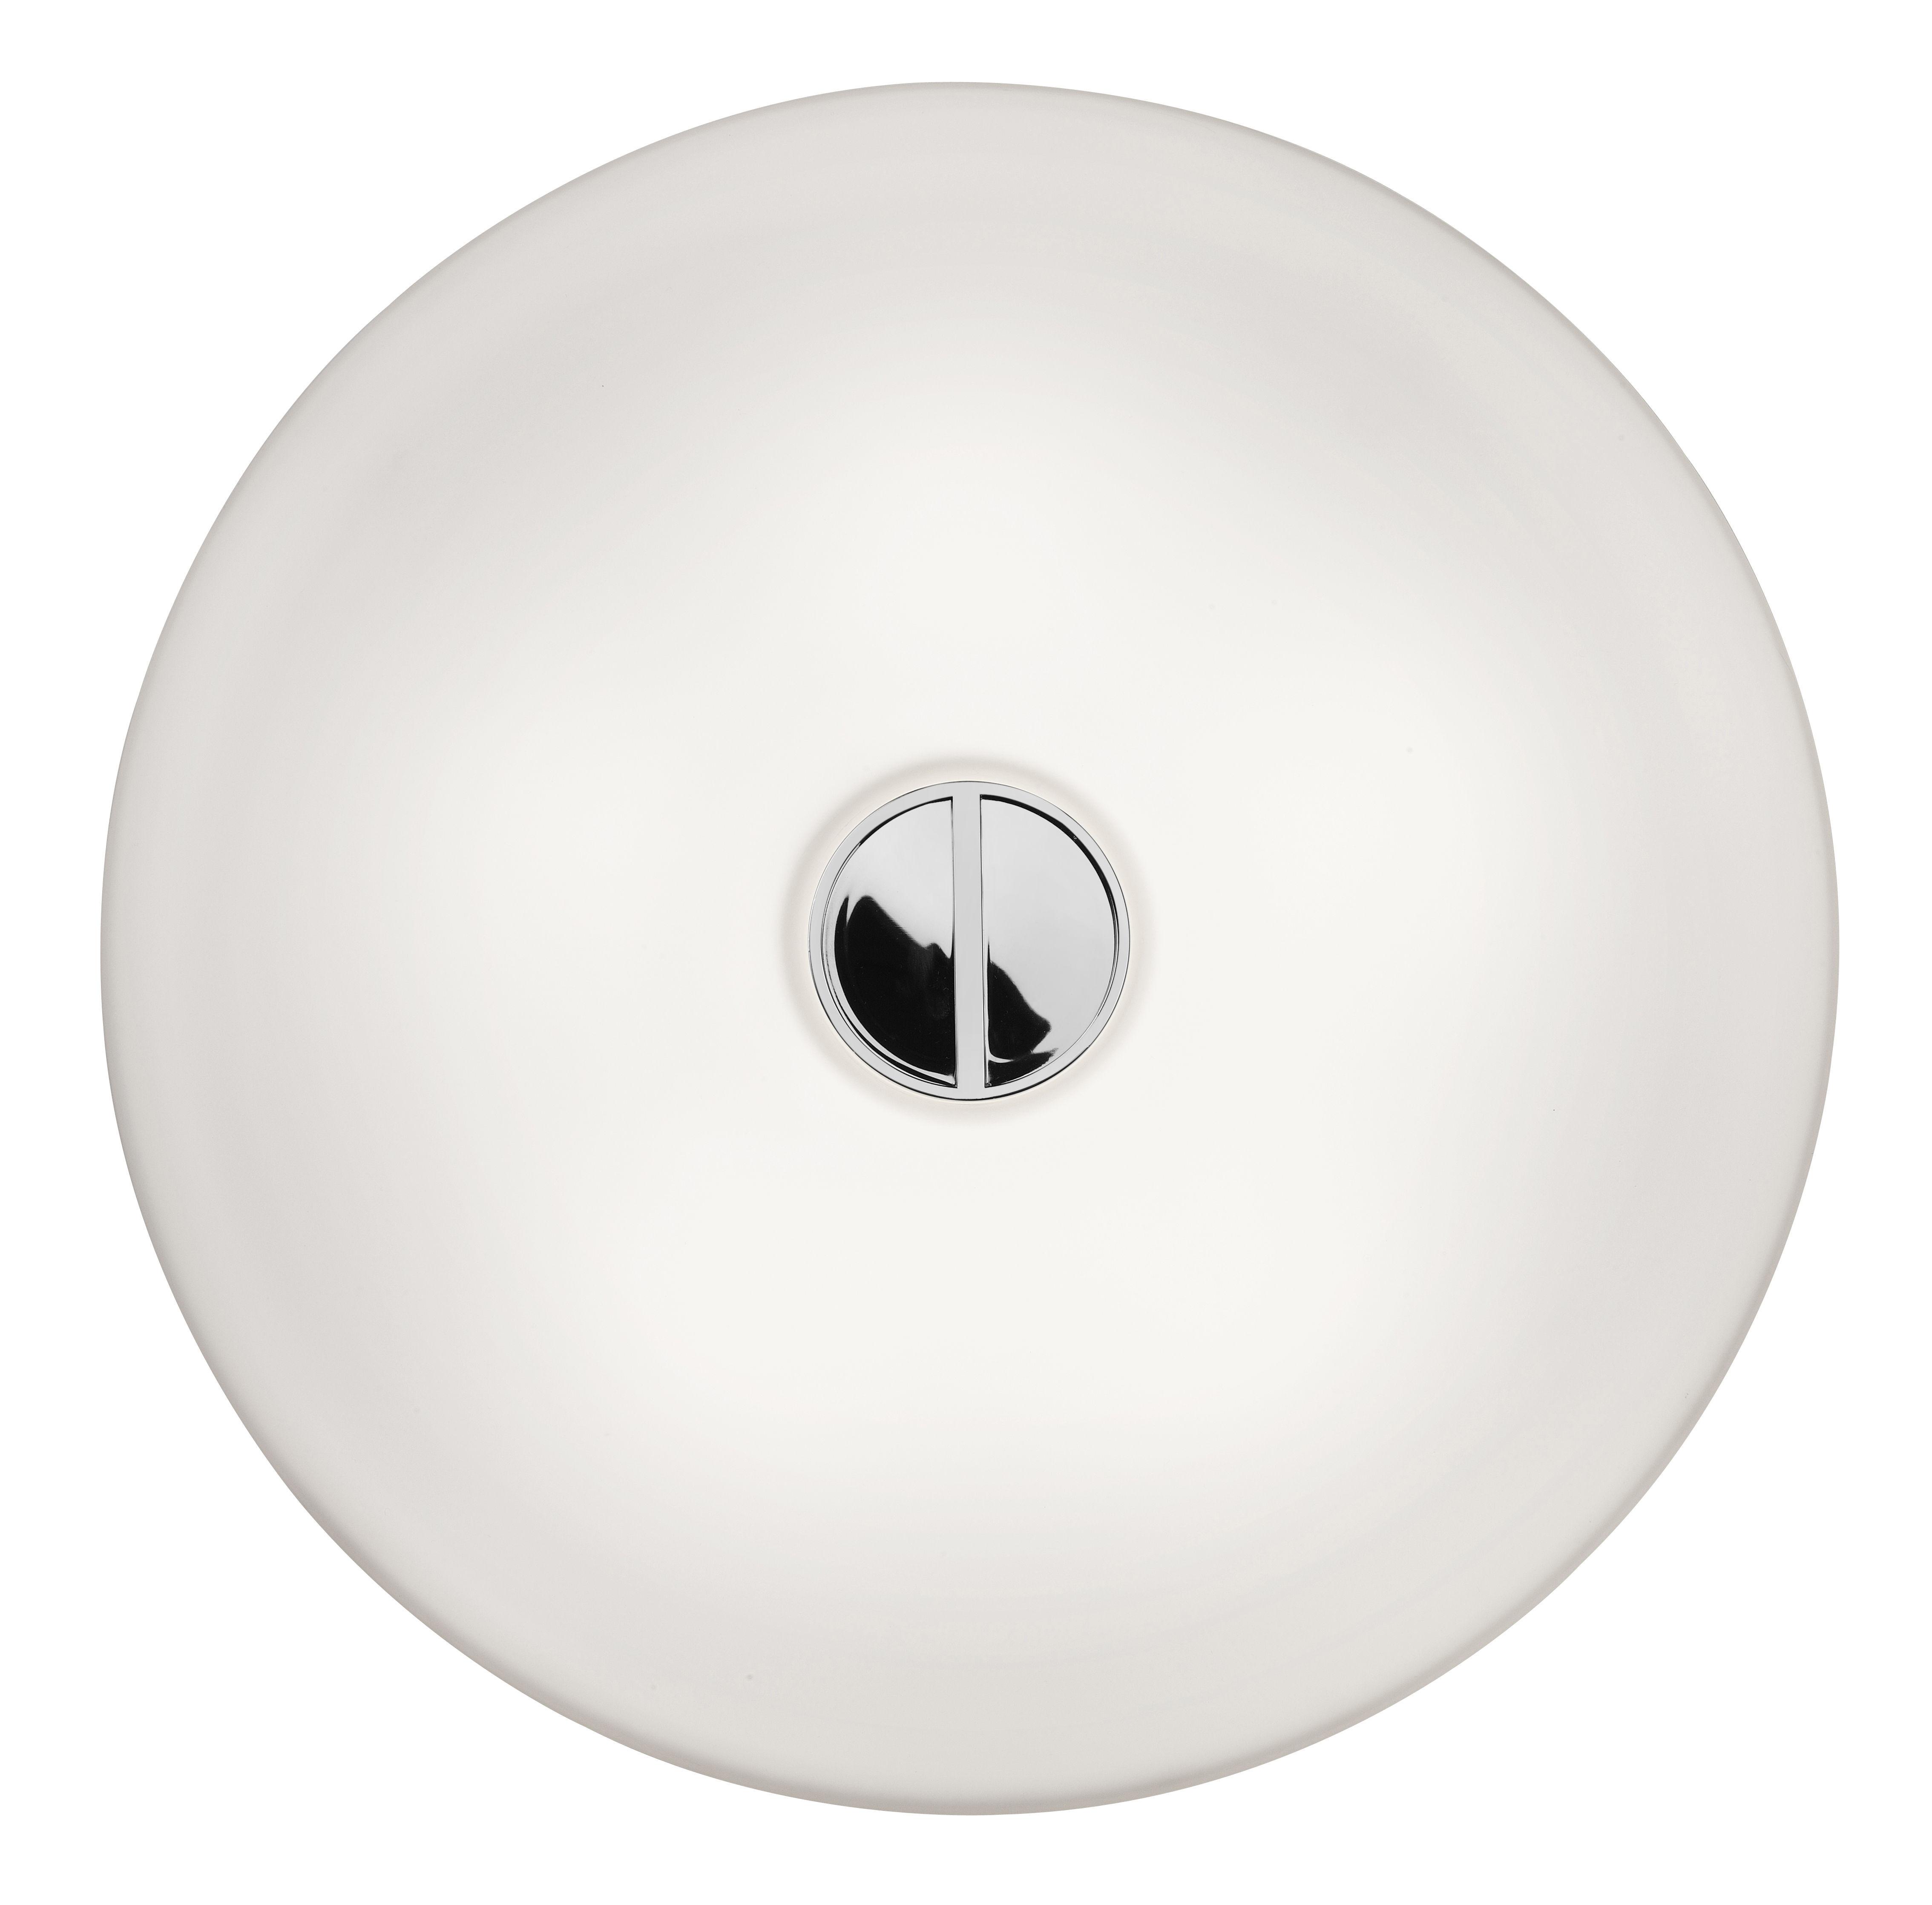 Luminaire - Appliques - Applique d'extérieur Button / Plafonnier - Ø 41 cm - Polycarbonate - Flos - Blanc - Polycarbonate